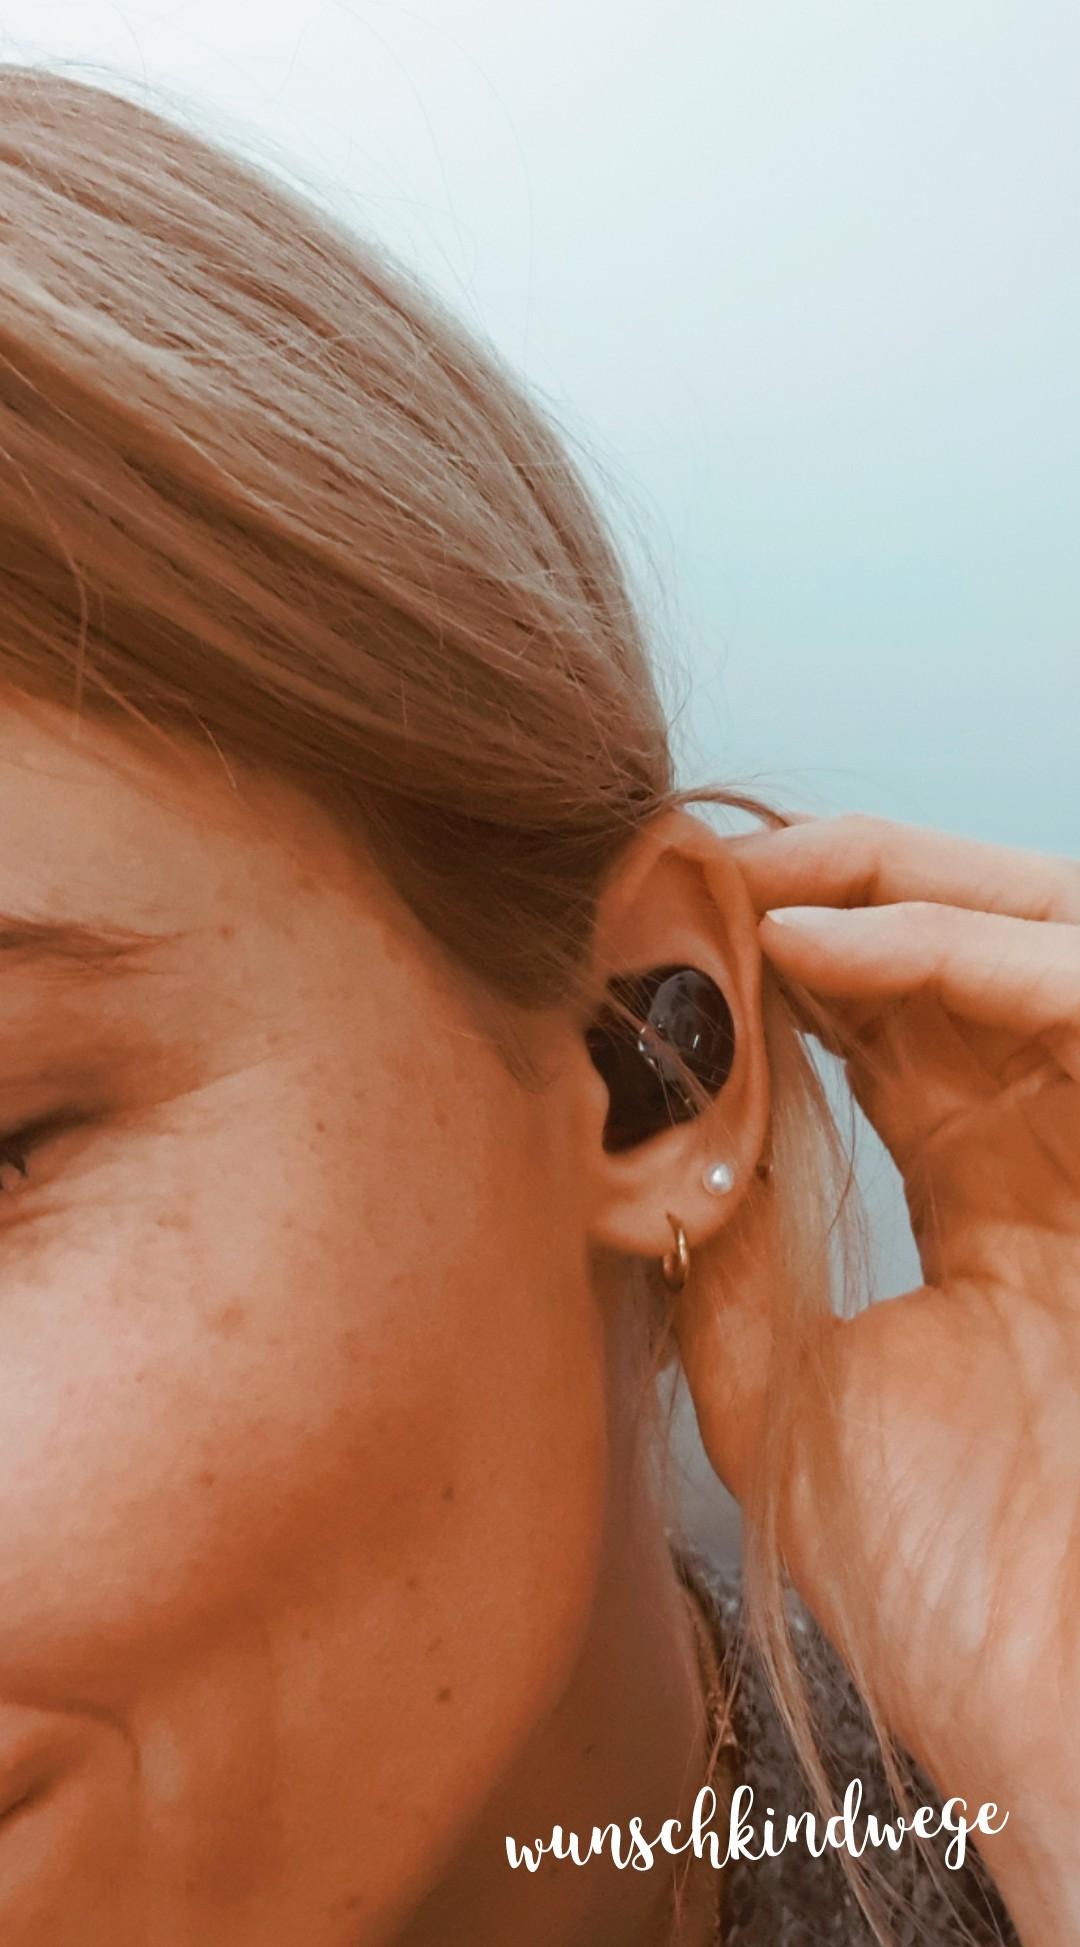 Noises Cancellation Headphones